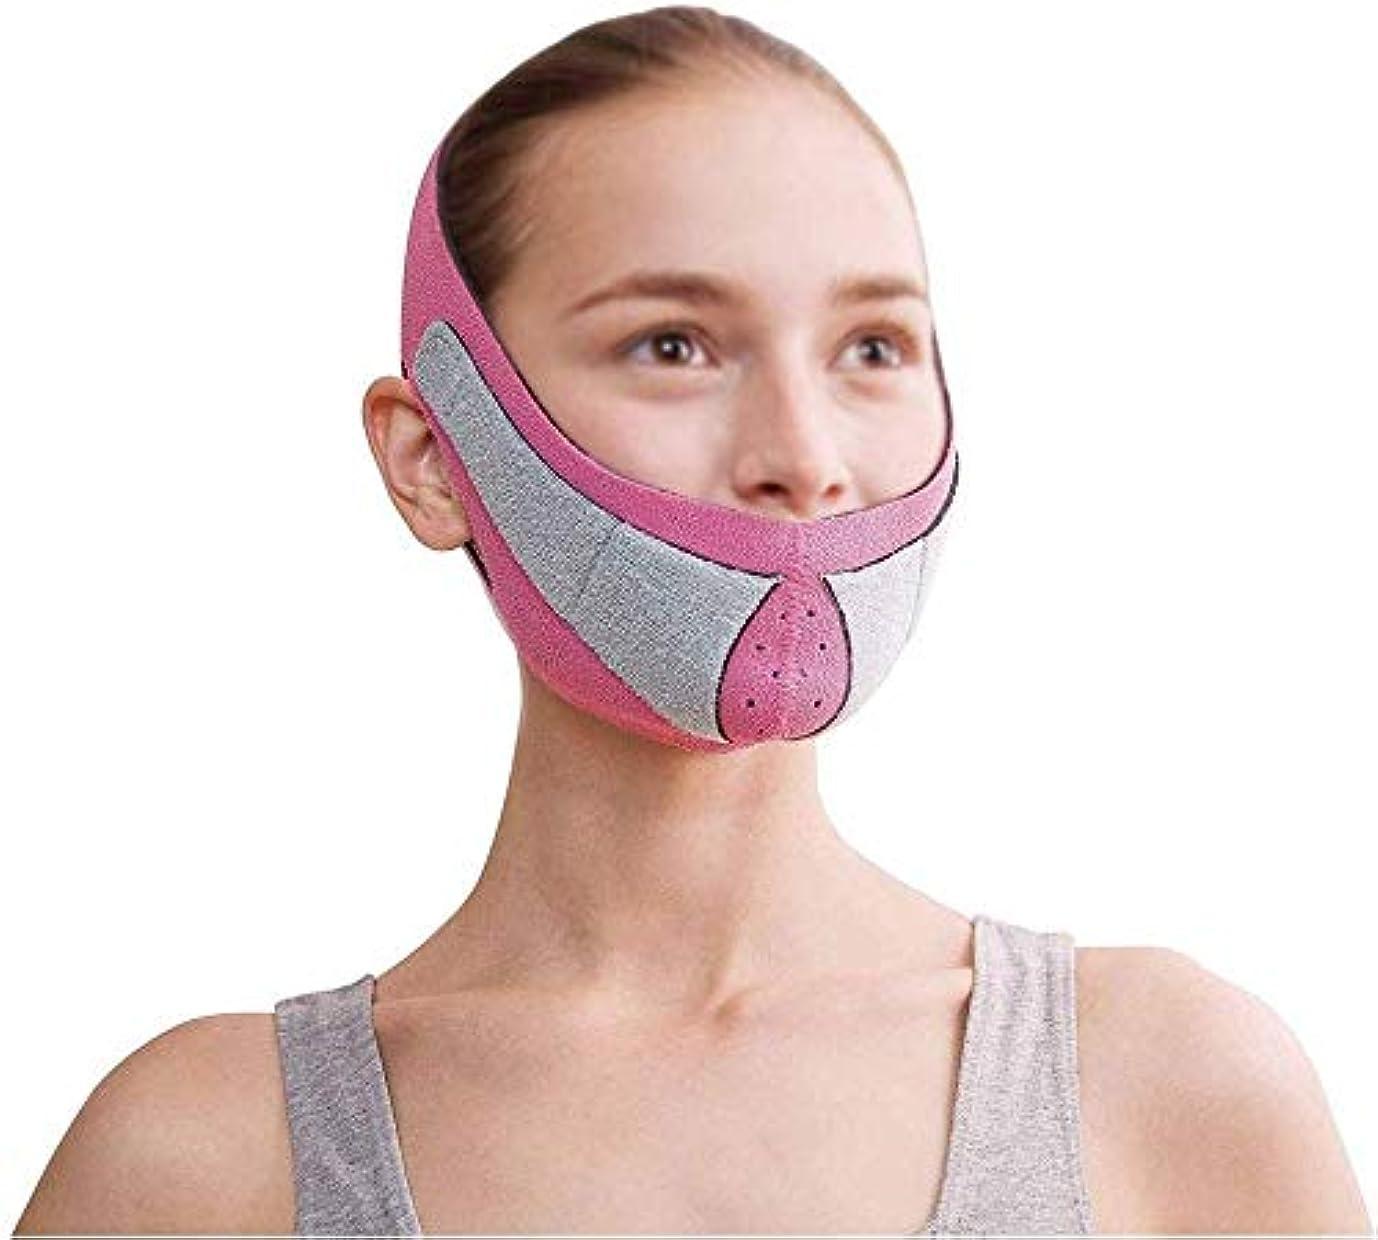 細部抑圧するラテン美容と実用的な薄いフェイスマスク、リフティングスキンファーミングアンチサギングフォーローマスクフェイスシンチンバンデージ